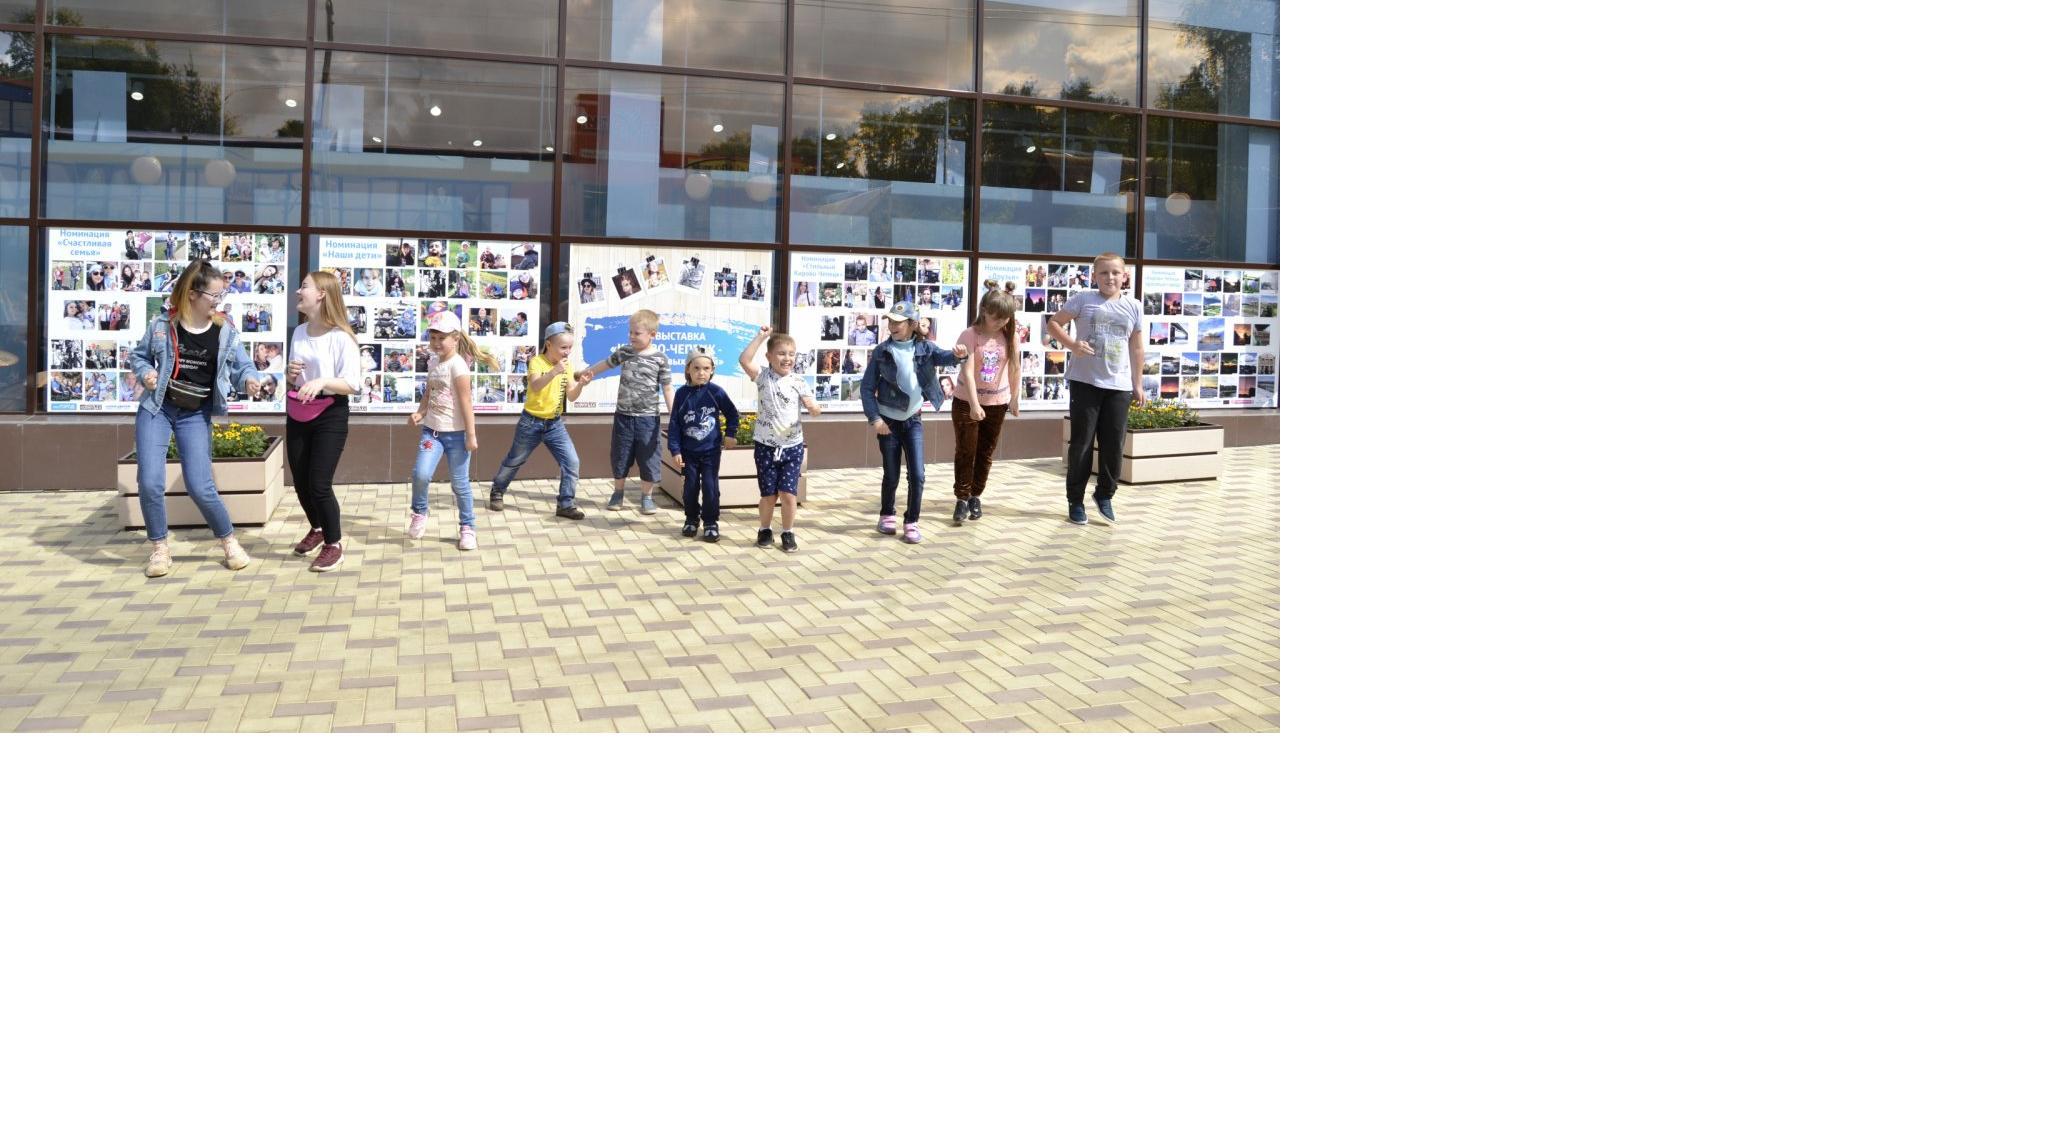 Розыгрыши, призы и танцы: в Чепецке открылась фотовыставка «Город красивых людей»